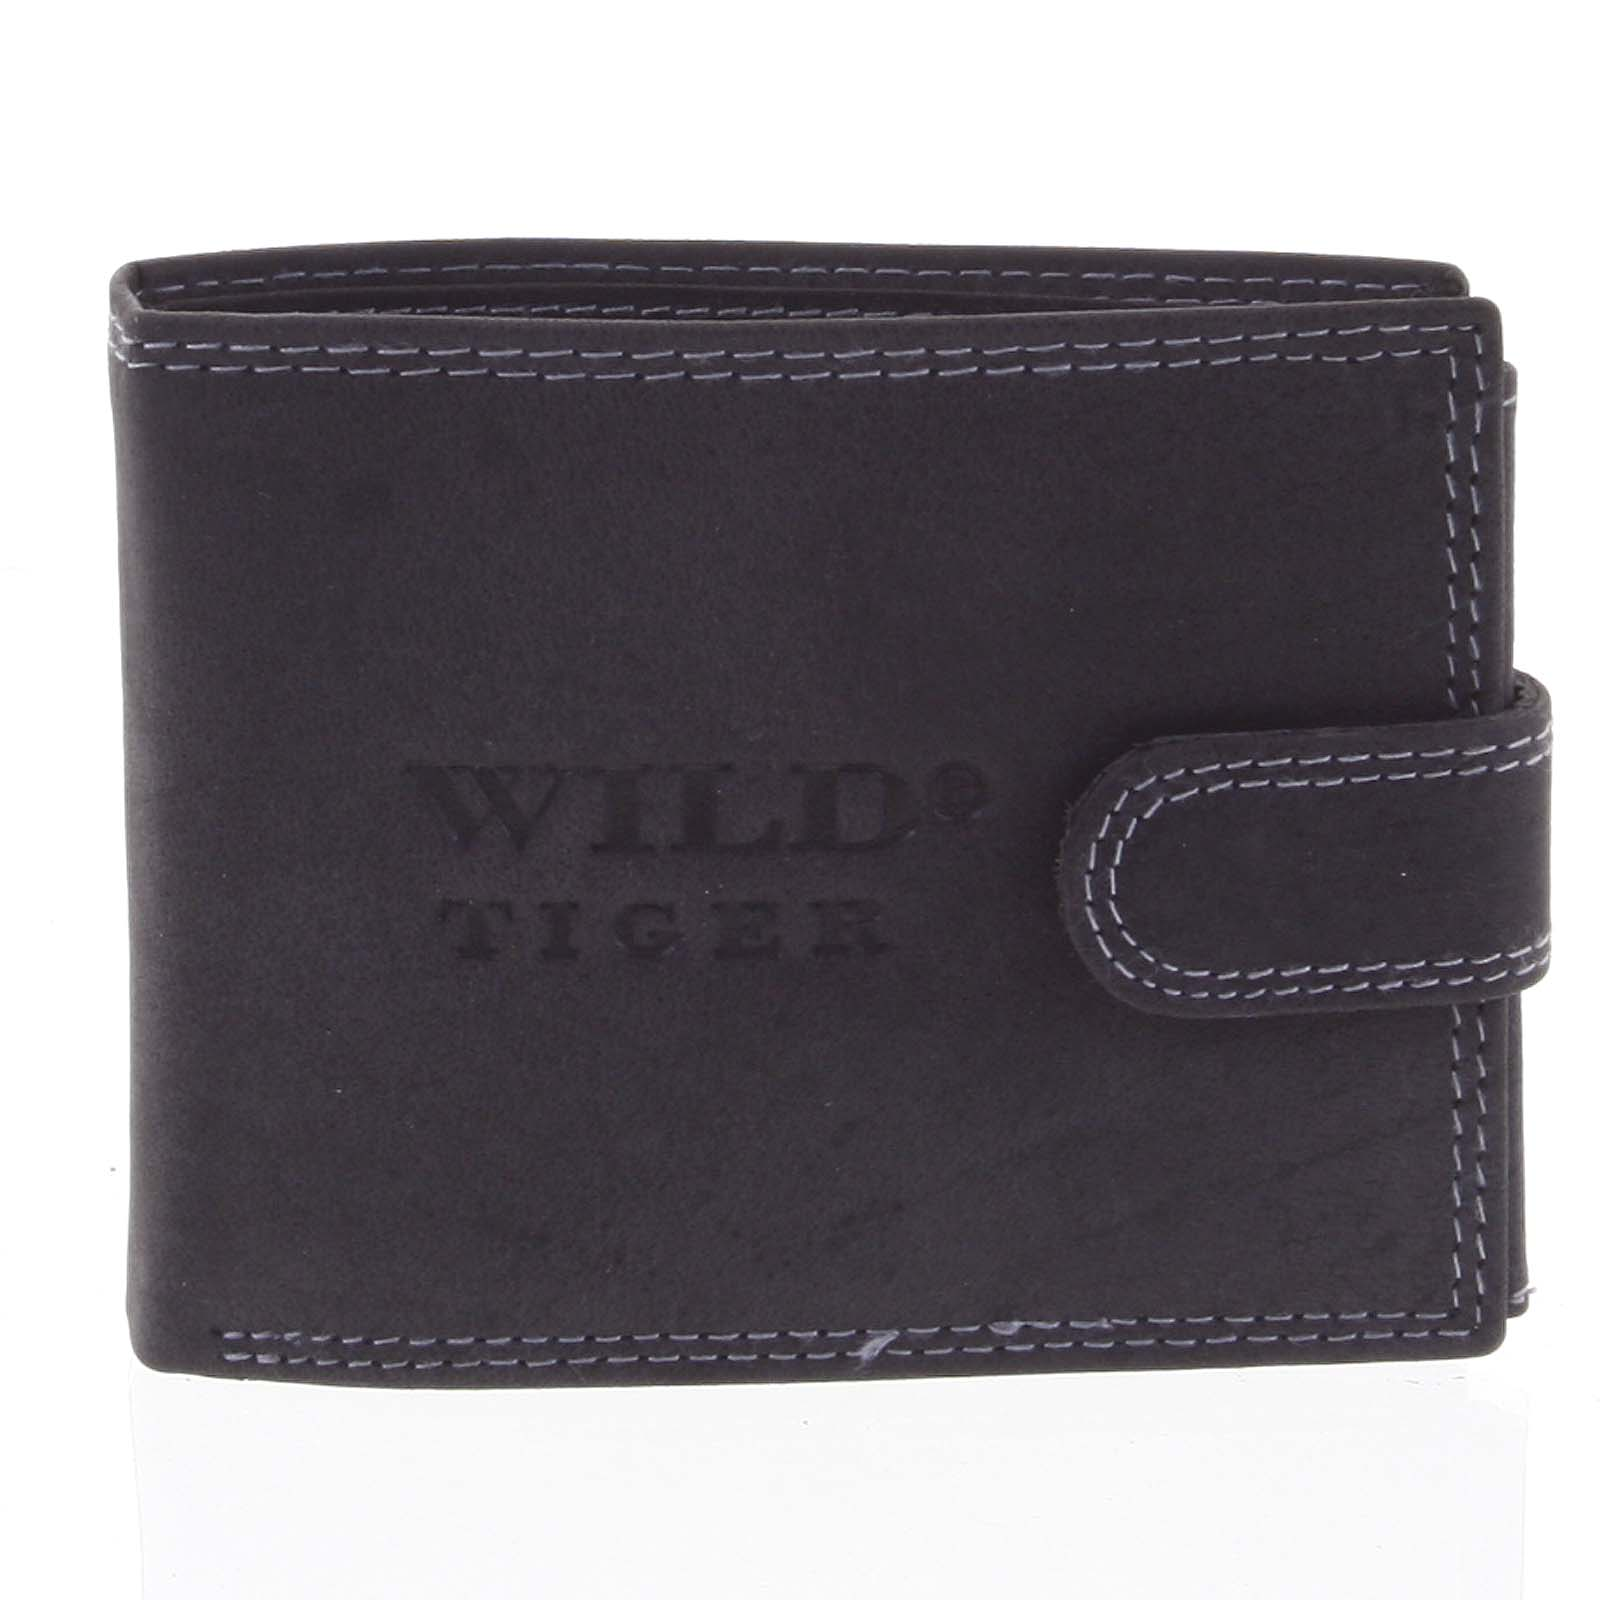 Pánska kožená peňaženka čierna - WILD 2800 čierna